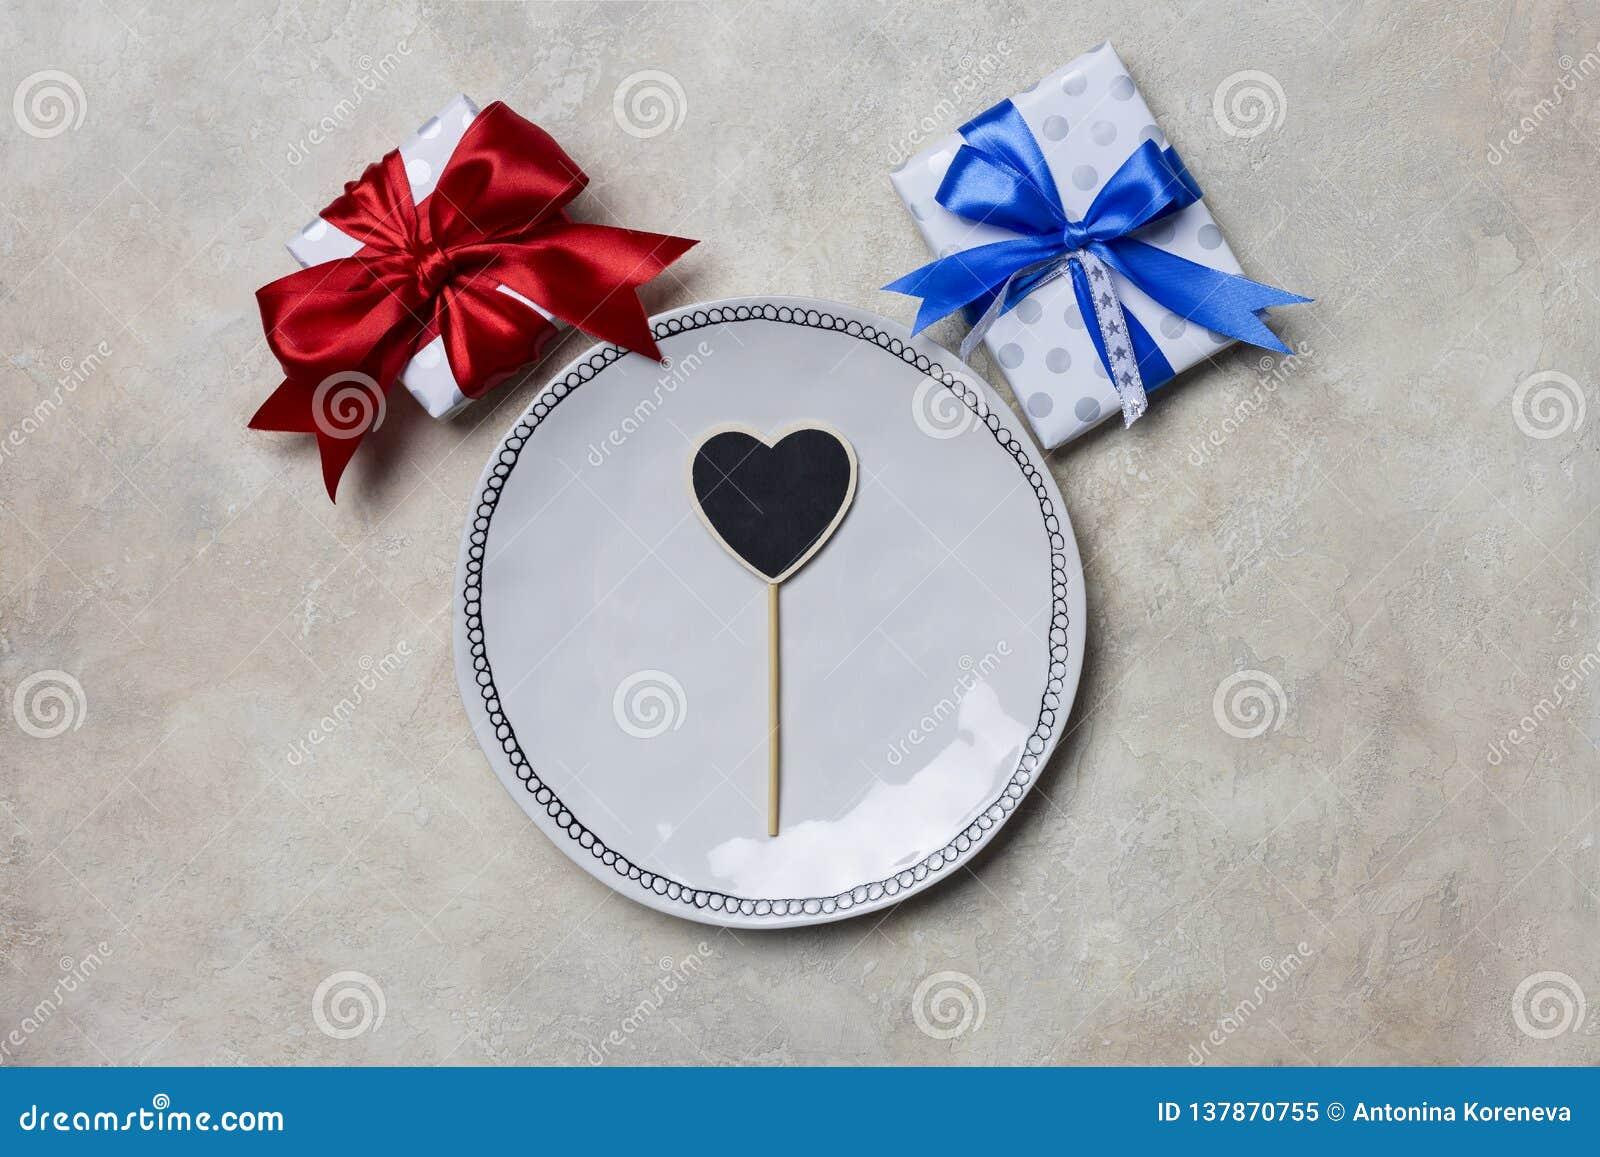 Άσπρο πιάτο με τα κιβώτια δώρων με τις κόκκινες και μπλε κορδέλλες στο άσπρο υπόβαθρο